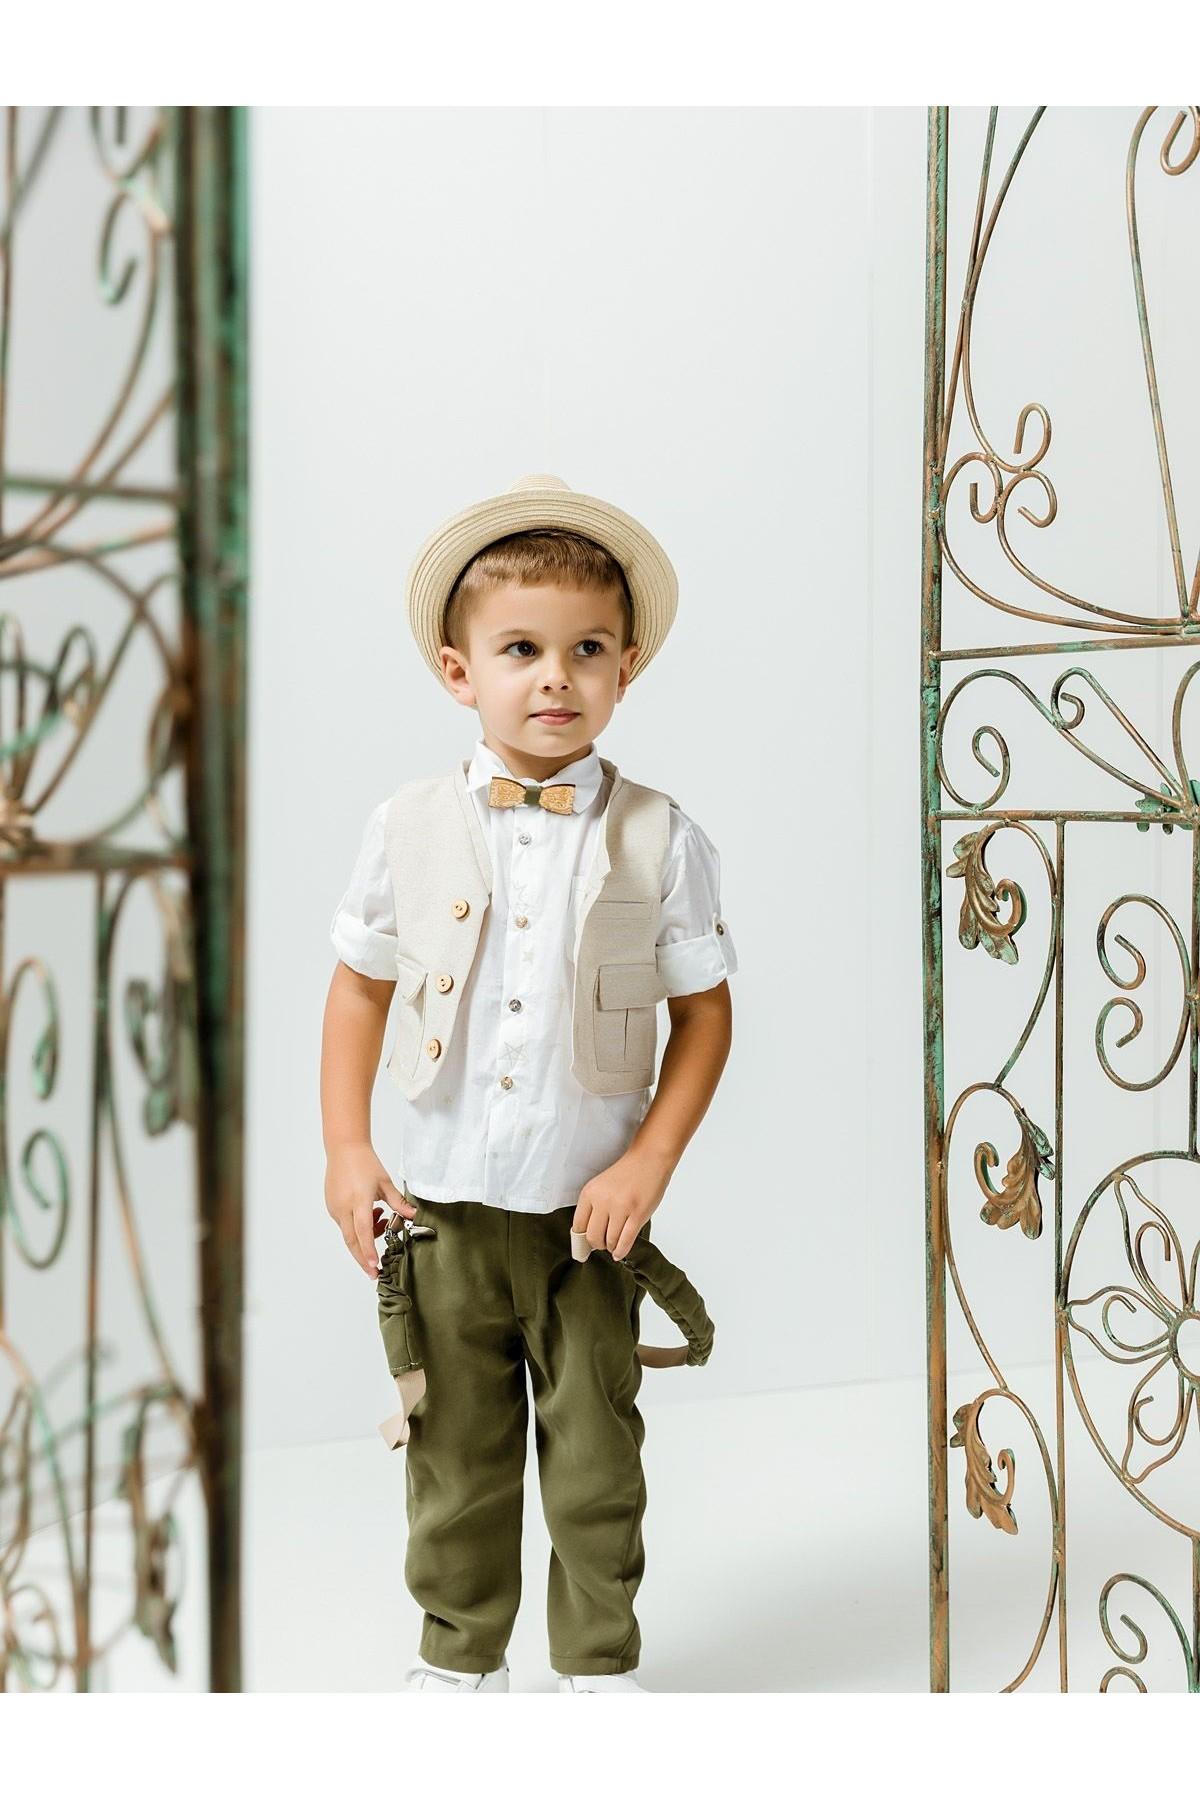 Βαπτιστικό σύνολο αγόρι με χακί παντελόνι και λευκό πουκάμισο με μπεζ αστεράκια